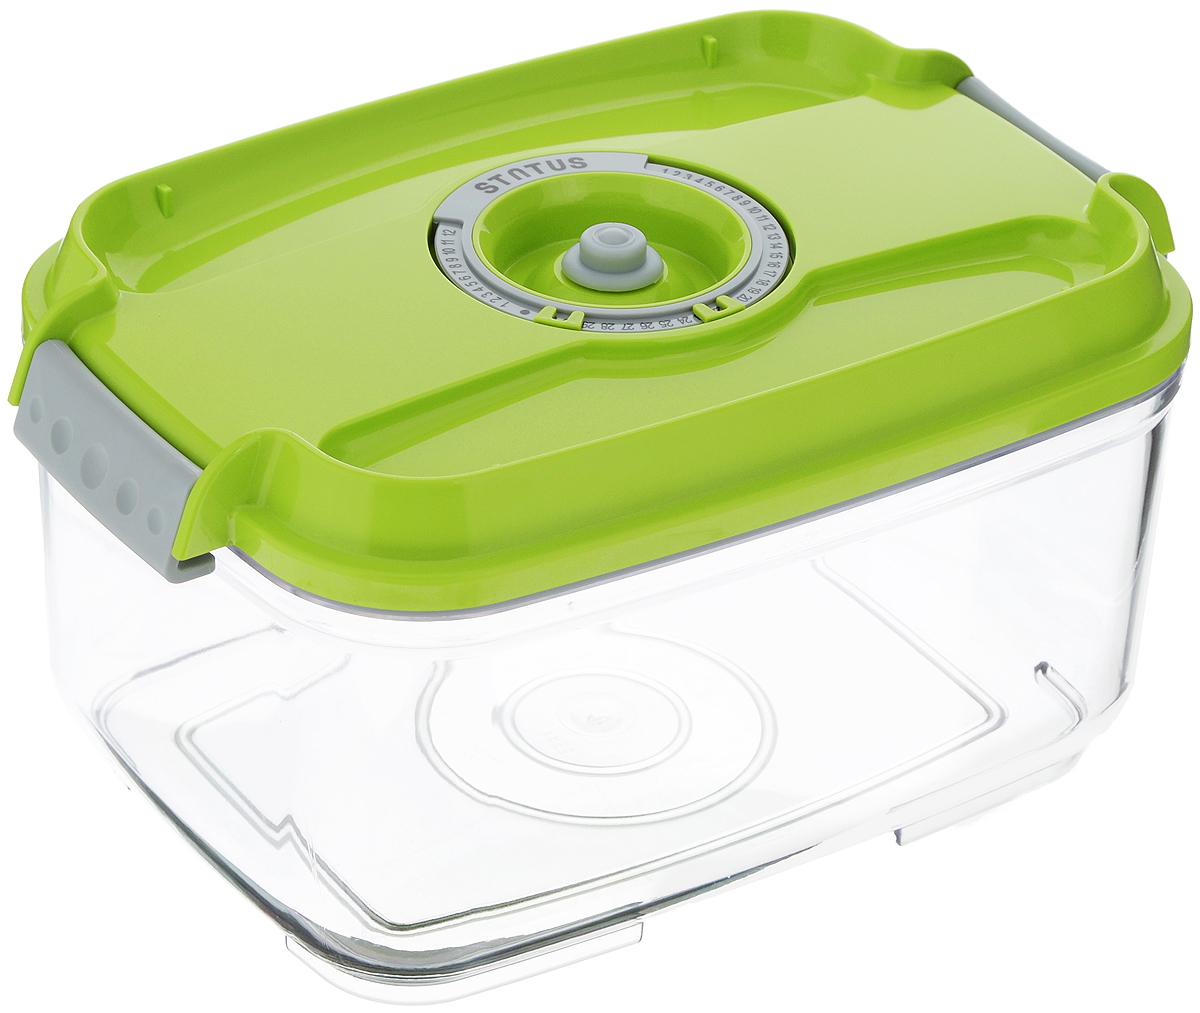 Контейнер вакуумный Status, с индикатором даты срока хранения, прозрачный, зеленый, 2 лVAC-REC-20 GreenВакуумный контейнер Status выполнен из хрустально-прозрачного прочного тритана. Благодаря вакууму, продукты не подвергаются внешнему воздействию, и срок хранения значительно увеличивается, сохраняют свои вкусовые качества и аромат, а запахи в холодильнике не перемешиваются. Допускается замораживание до -21°C, мойка контейнера в посудомоечной машине, разогрев в СВЧ (без крышки). Рекомендовано хранение следующих продуктов: макаронные изделия, крупа, мука, кофе в зёрнах, сухофрукты, супы, соусы. Контейнер имеет индикатор даты, который позволяет отмечать дату конца срока годности продуктов. Размер контейнера (с учетом крышки): 22,5 х 15,5 х 11,5 см.